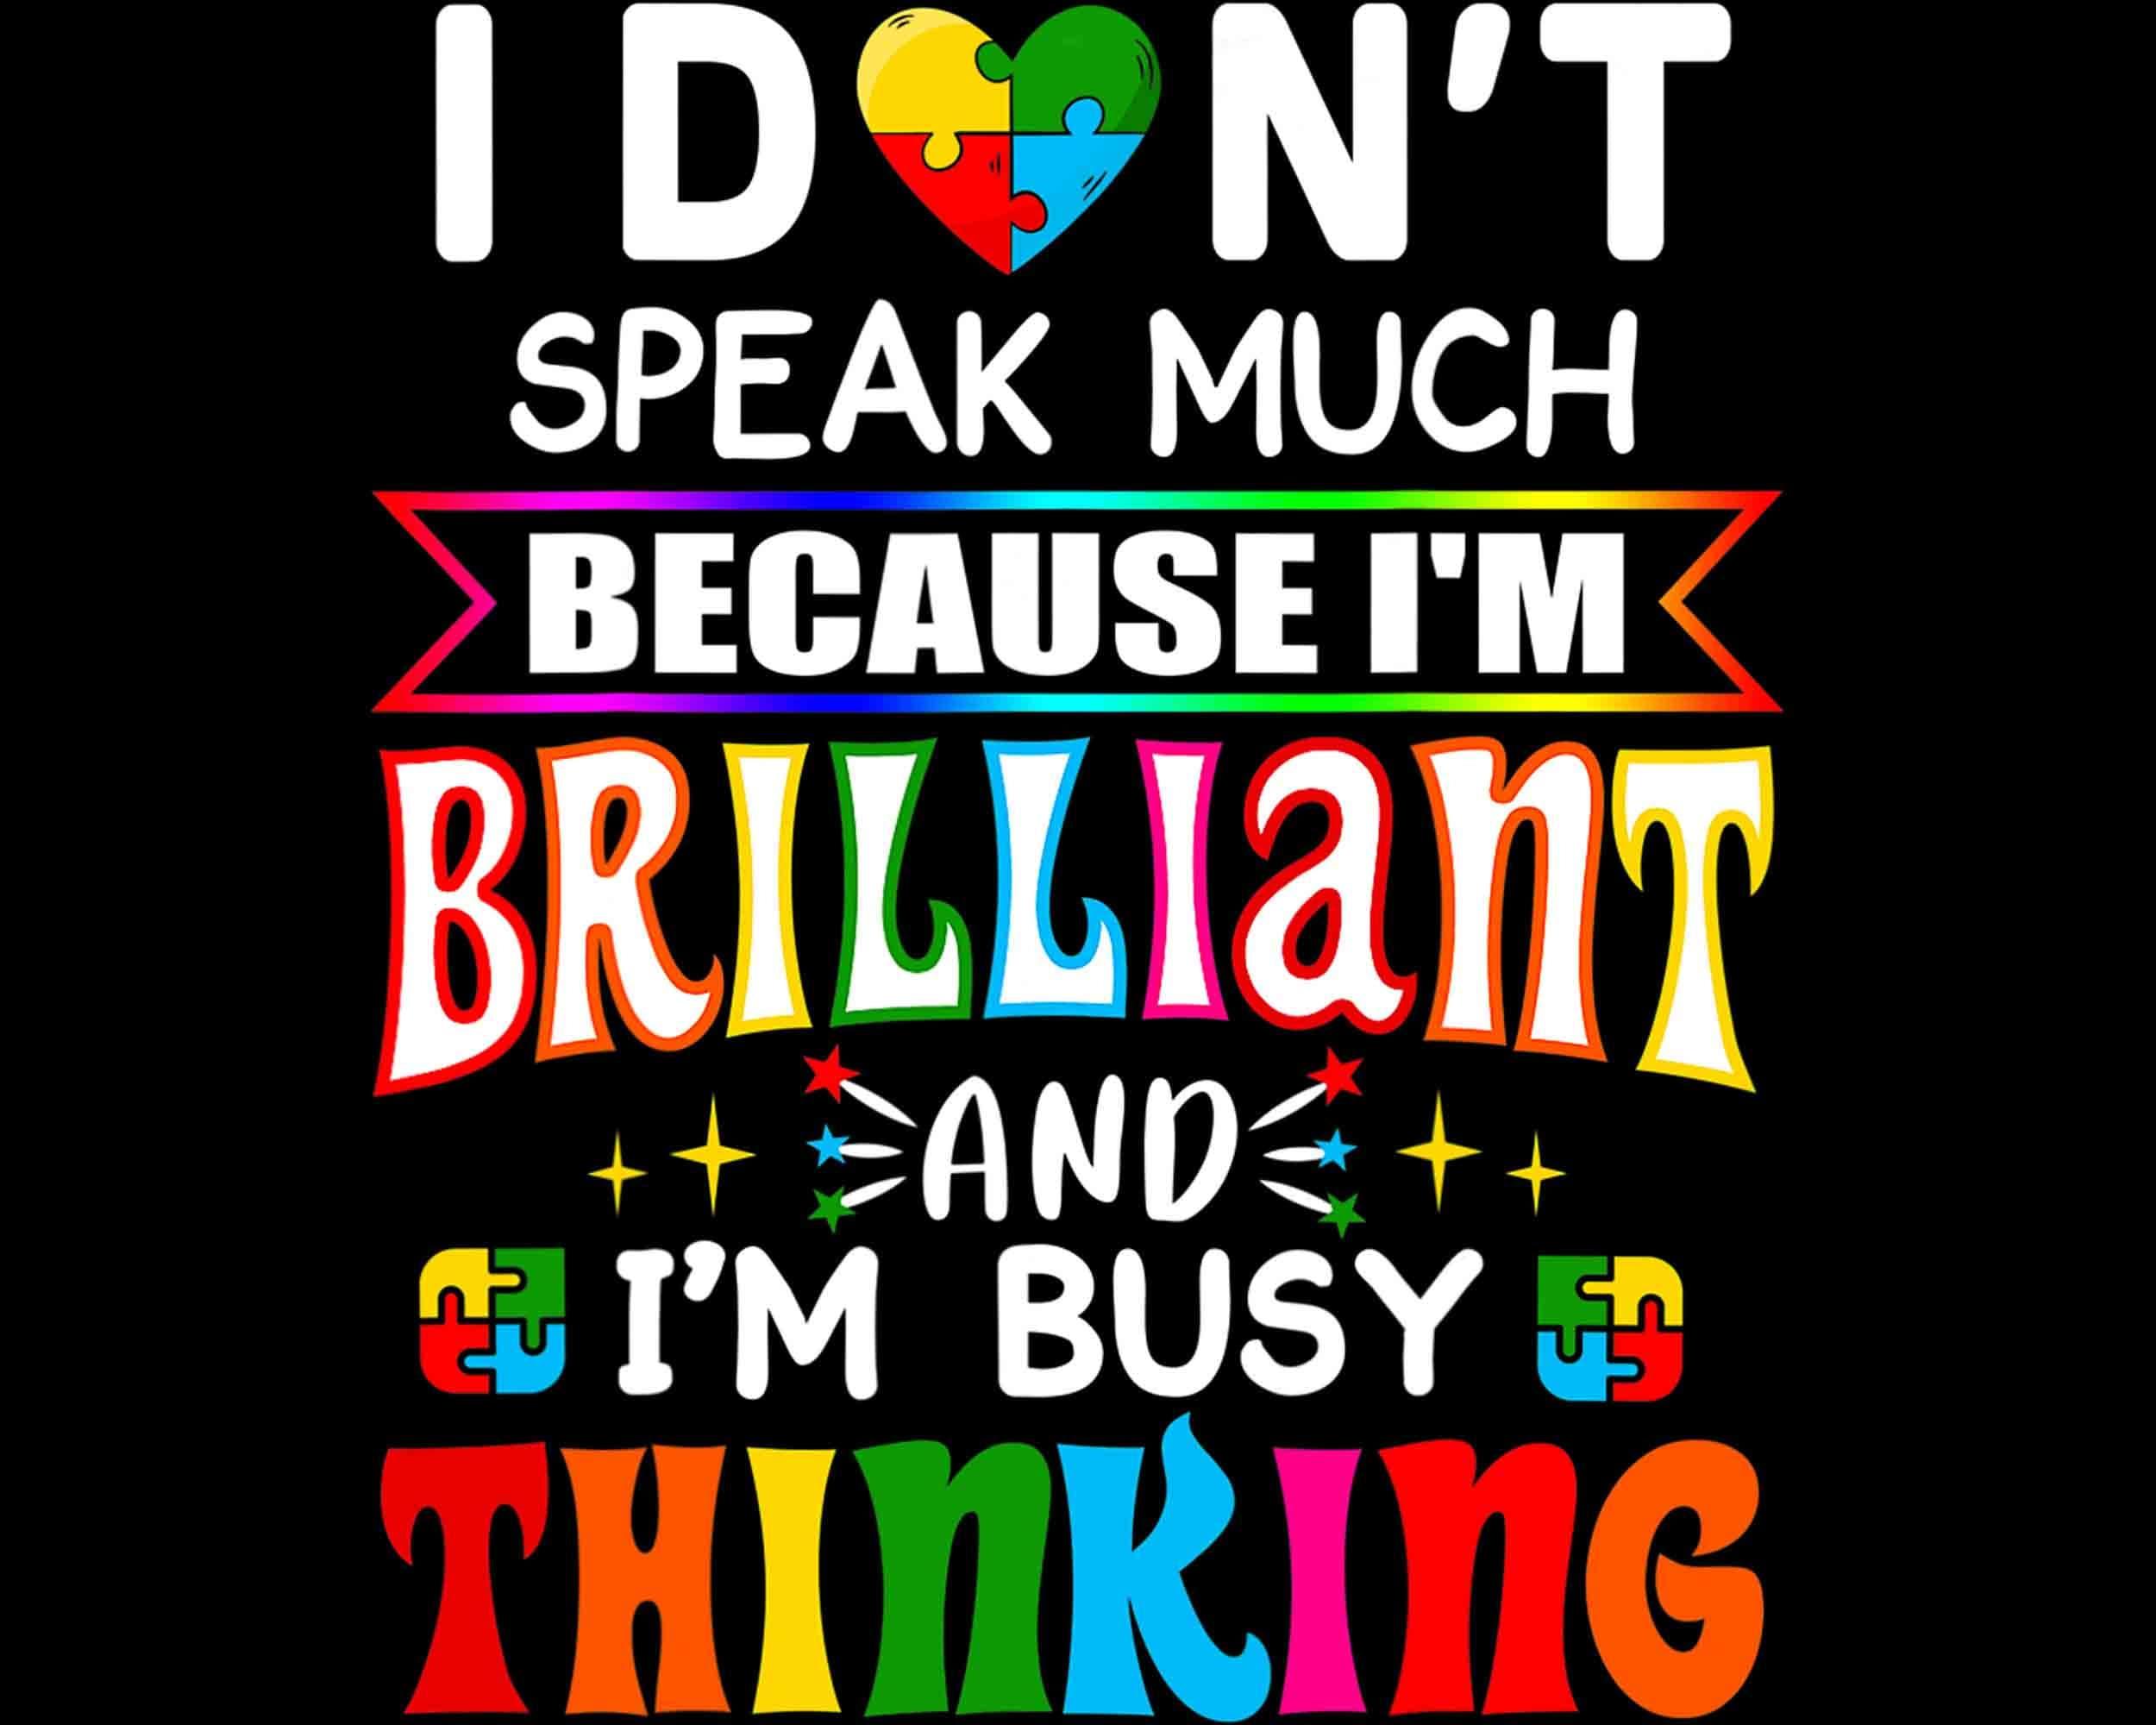 Ich spreche nicht viel weil ich brillante Png Bewusstsein